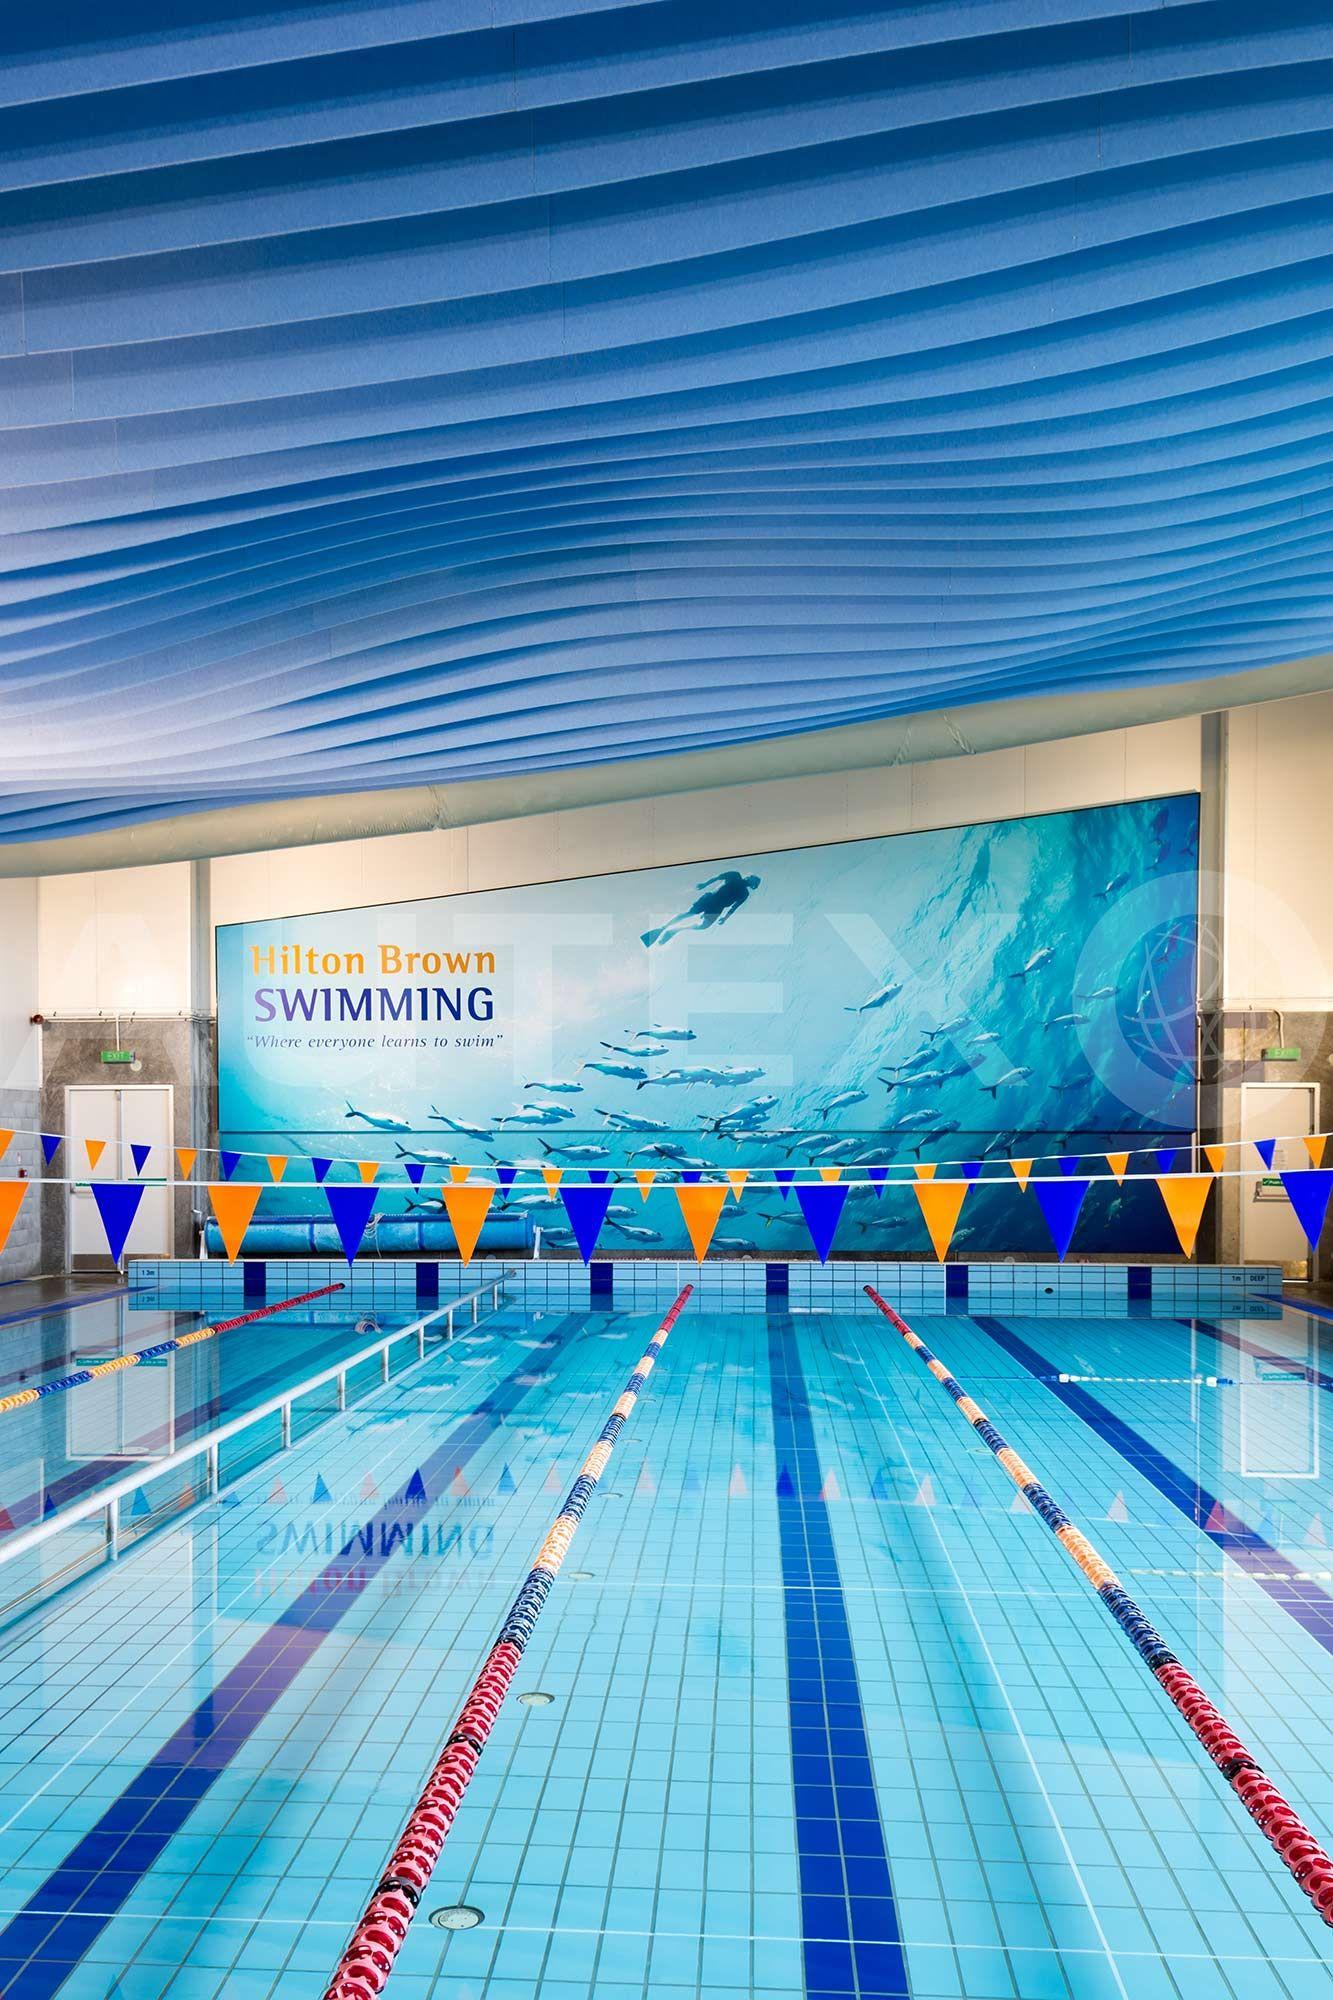 Autex Acoustics Frontier Modular Acoustic Ceiling System Hilton Brown Swim School Auckland Nz Custom Design Swim School Ceiling System Swimming Times